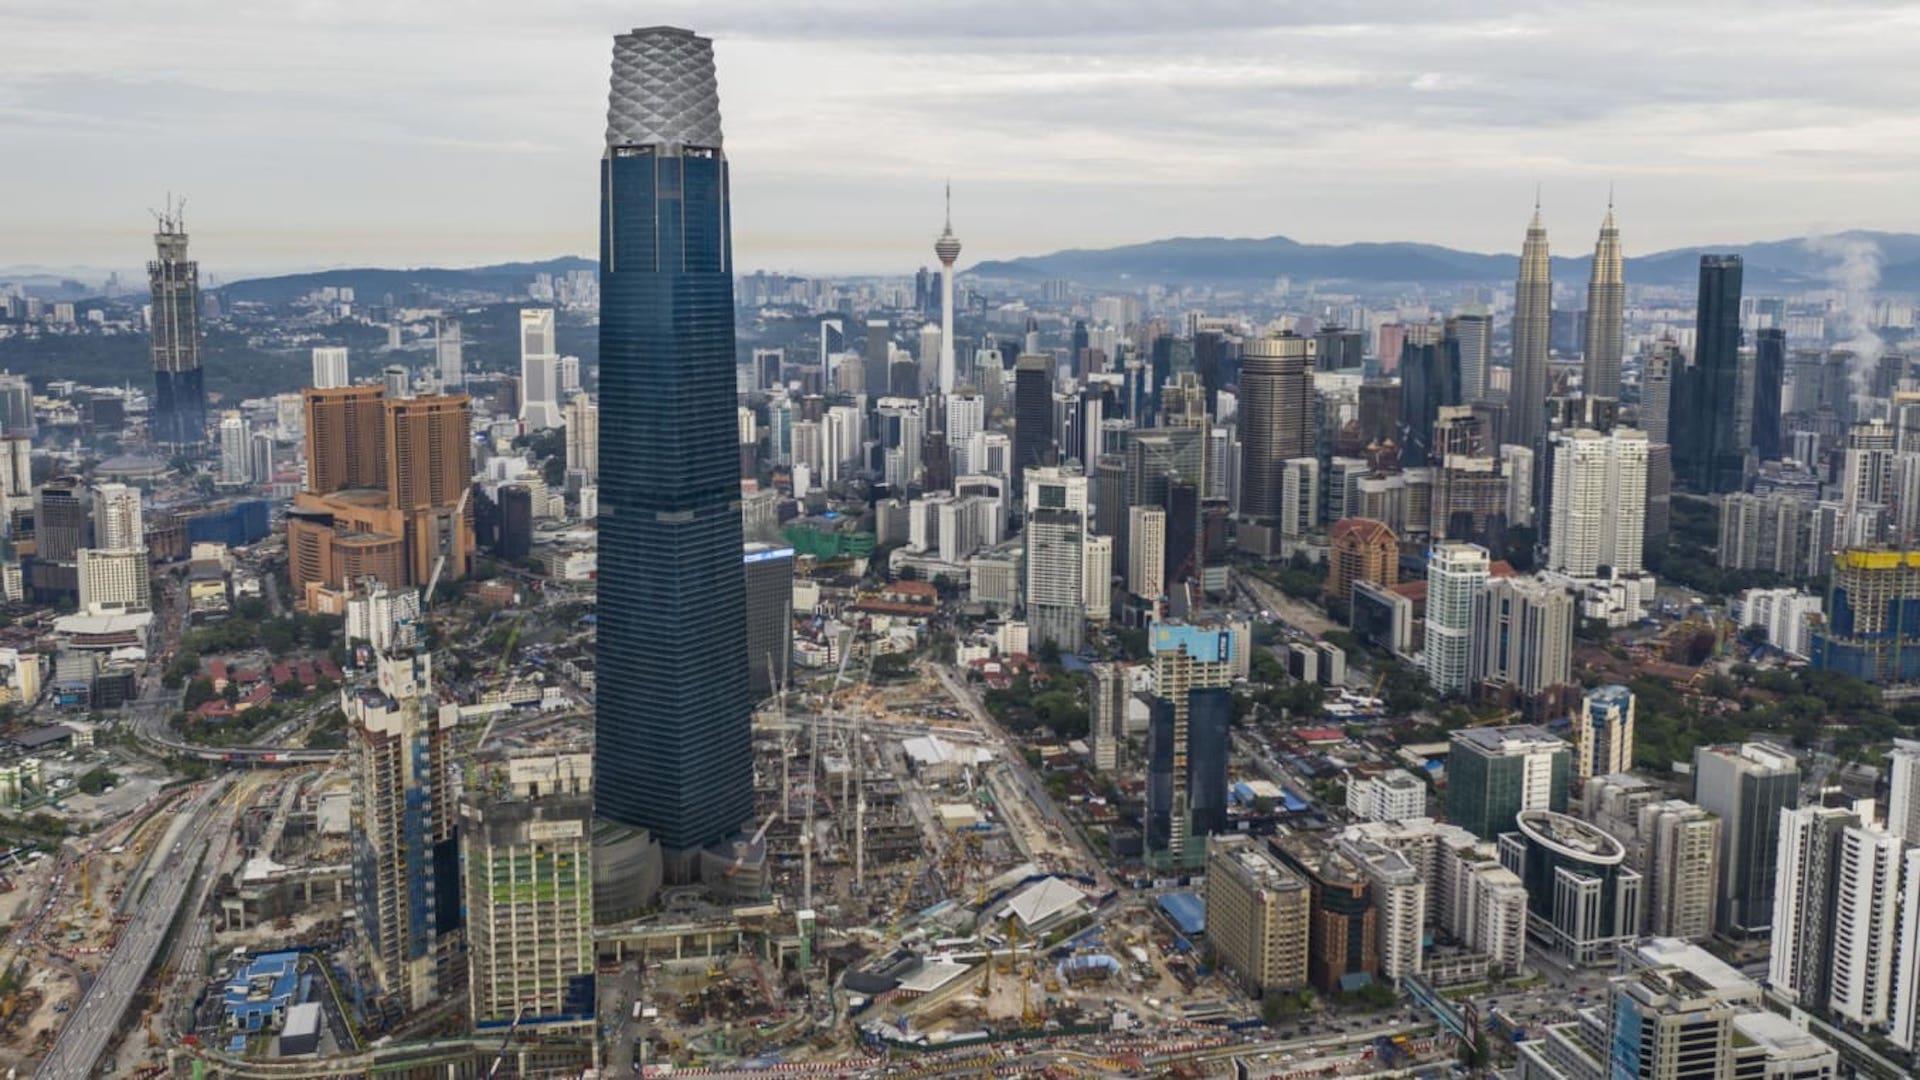 Exchange 106: este es el nuevo rascacielos más alto de Malasia